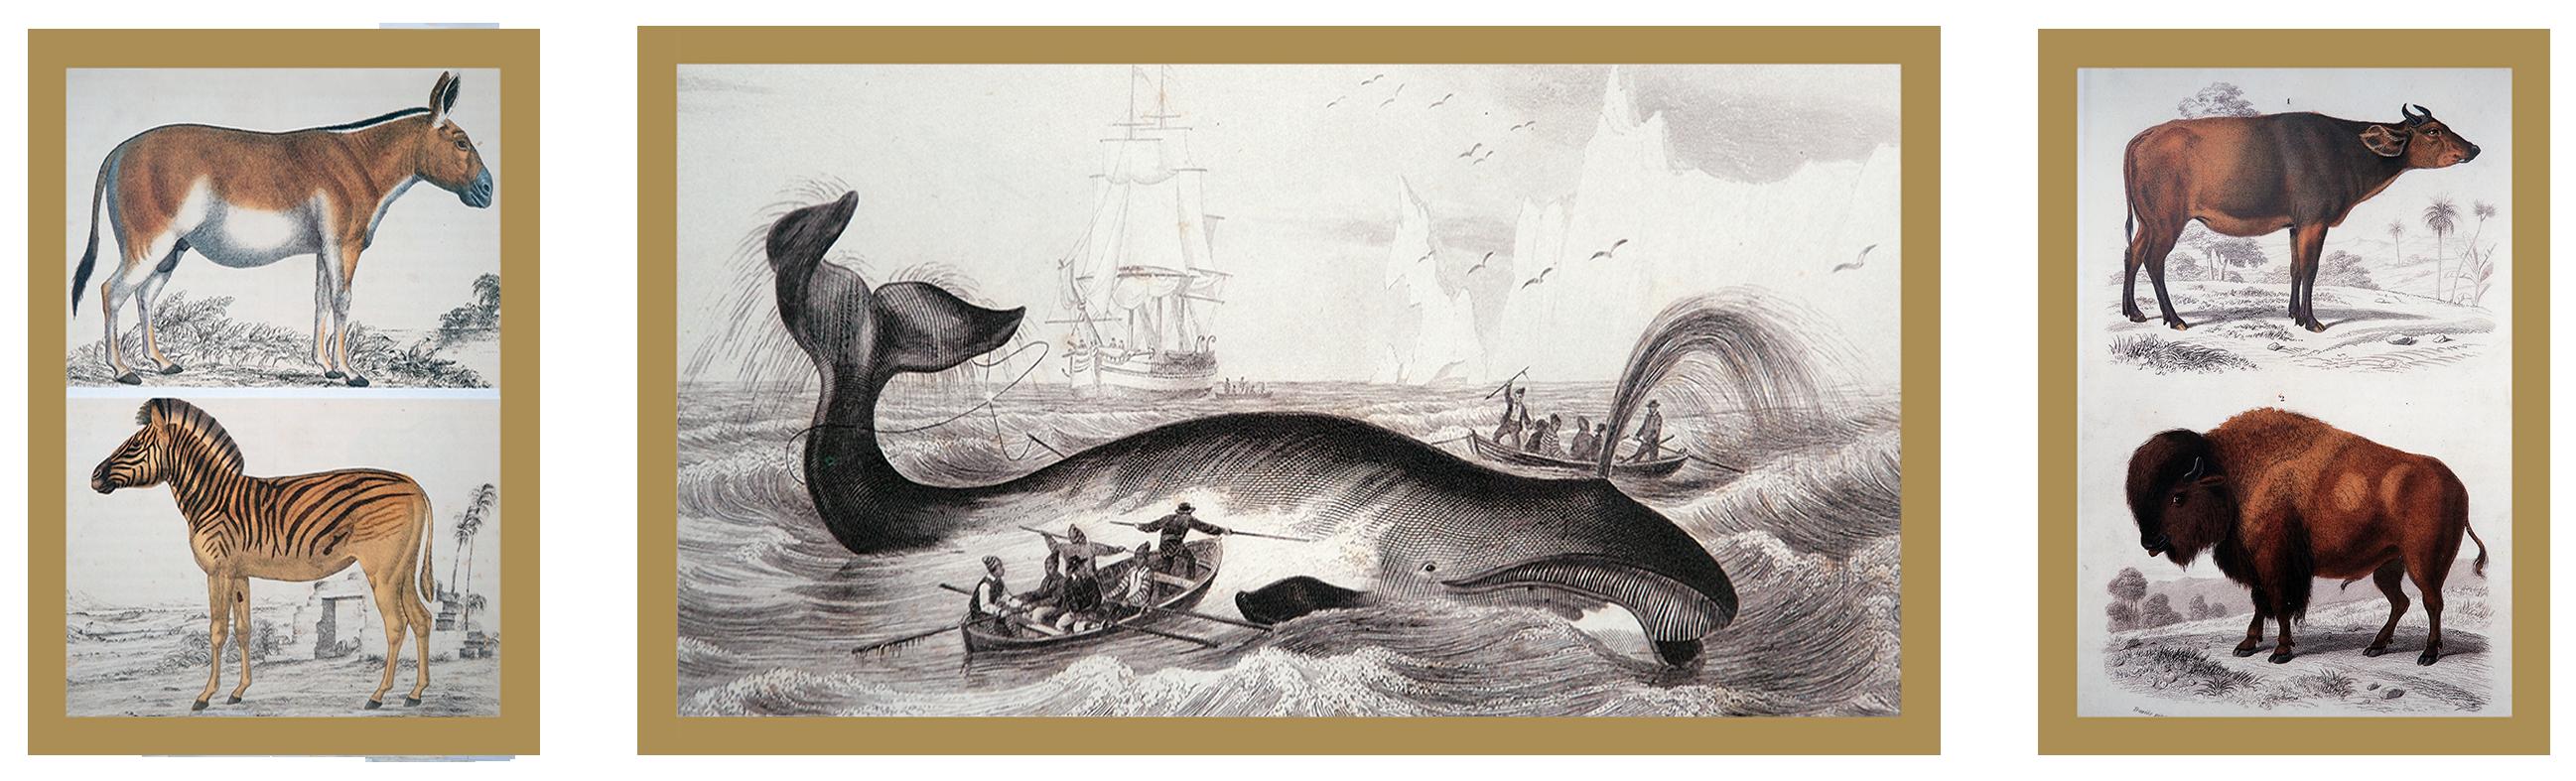 3 Ilustrações, da esquerda para direita: Asno ( burro selvagem) e zebra-da-planície. Baleia. Animal da raça bovina e gado Bisão